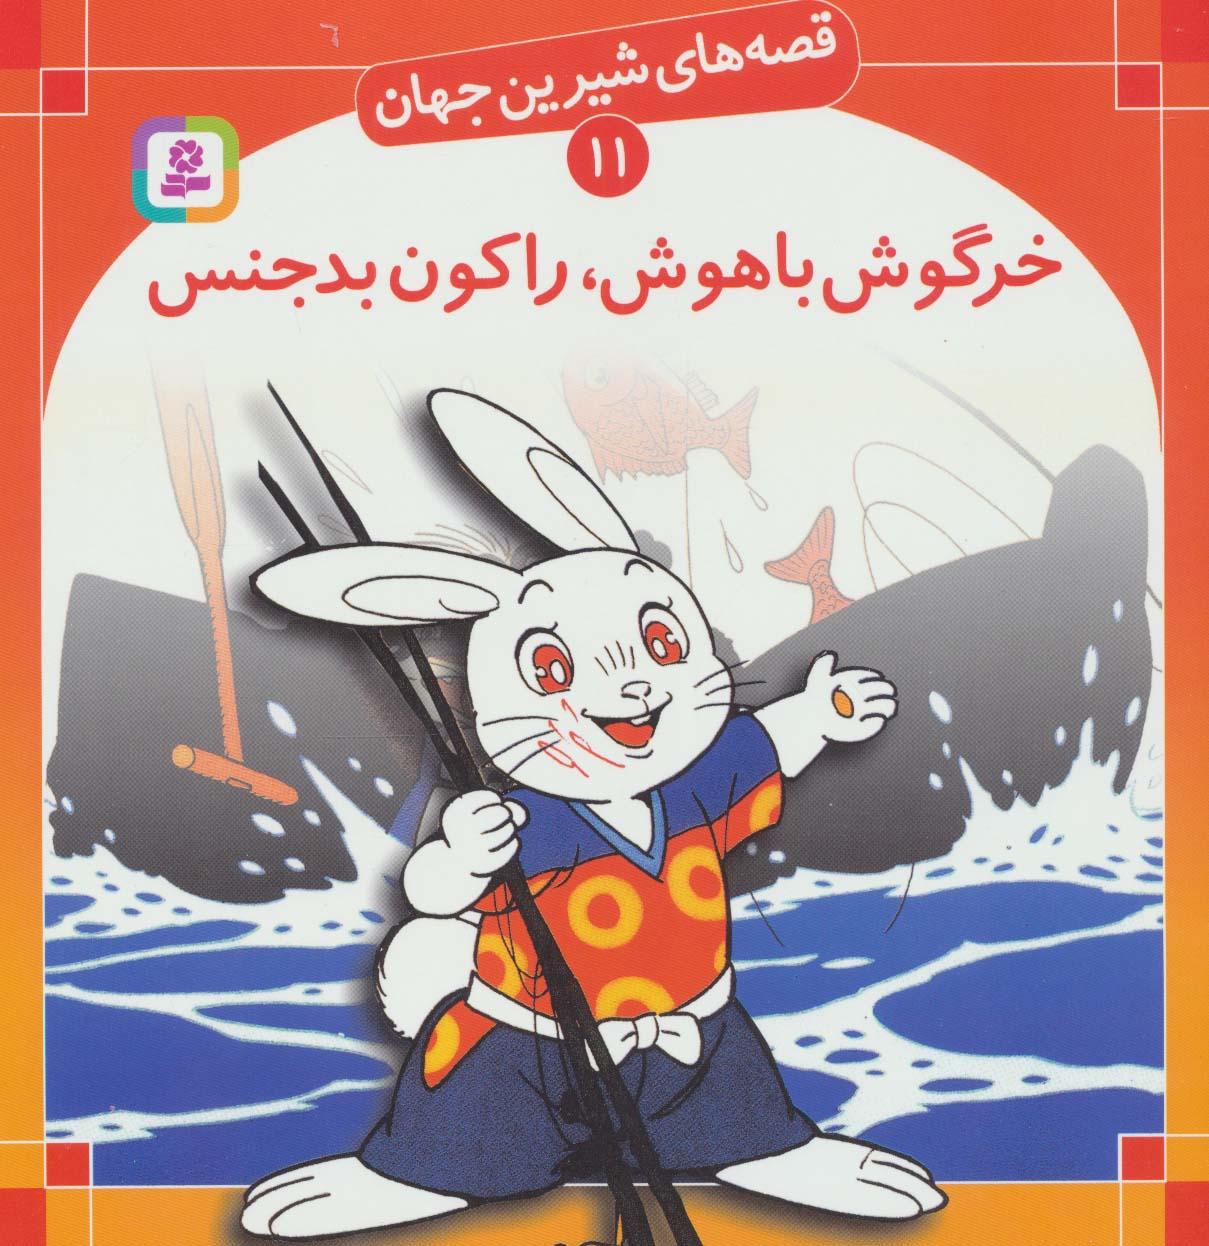 قصه های شیرین جهان11 (خرگوش باهوش،راکون بدجنس)